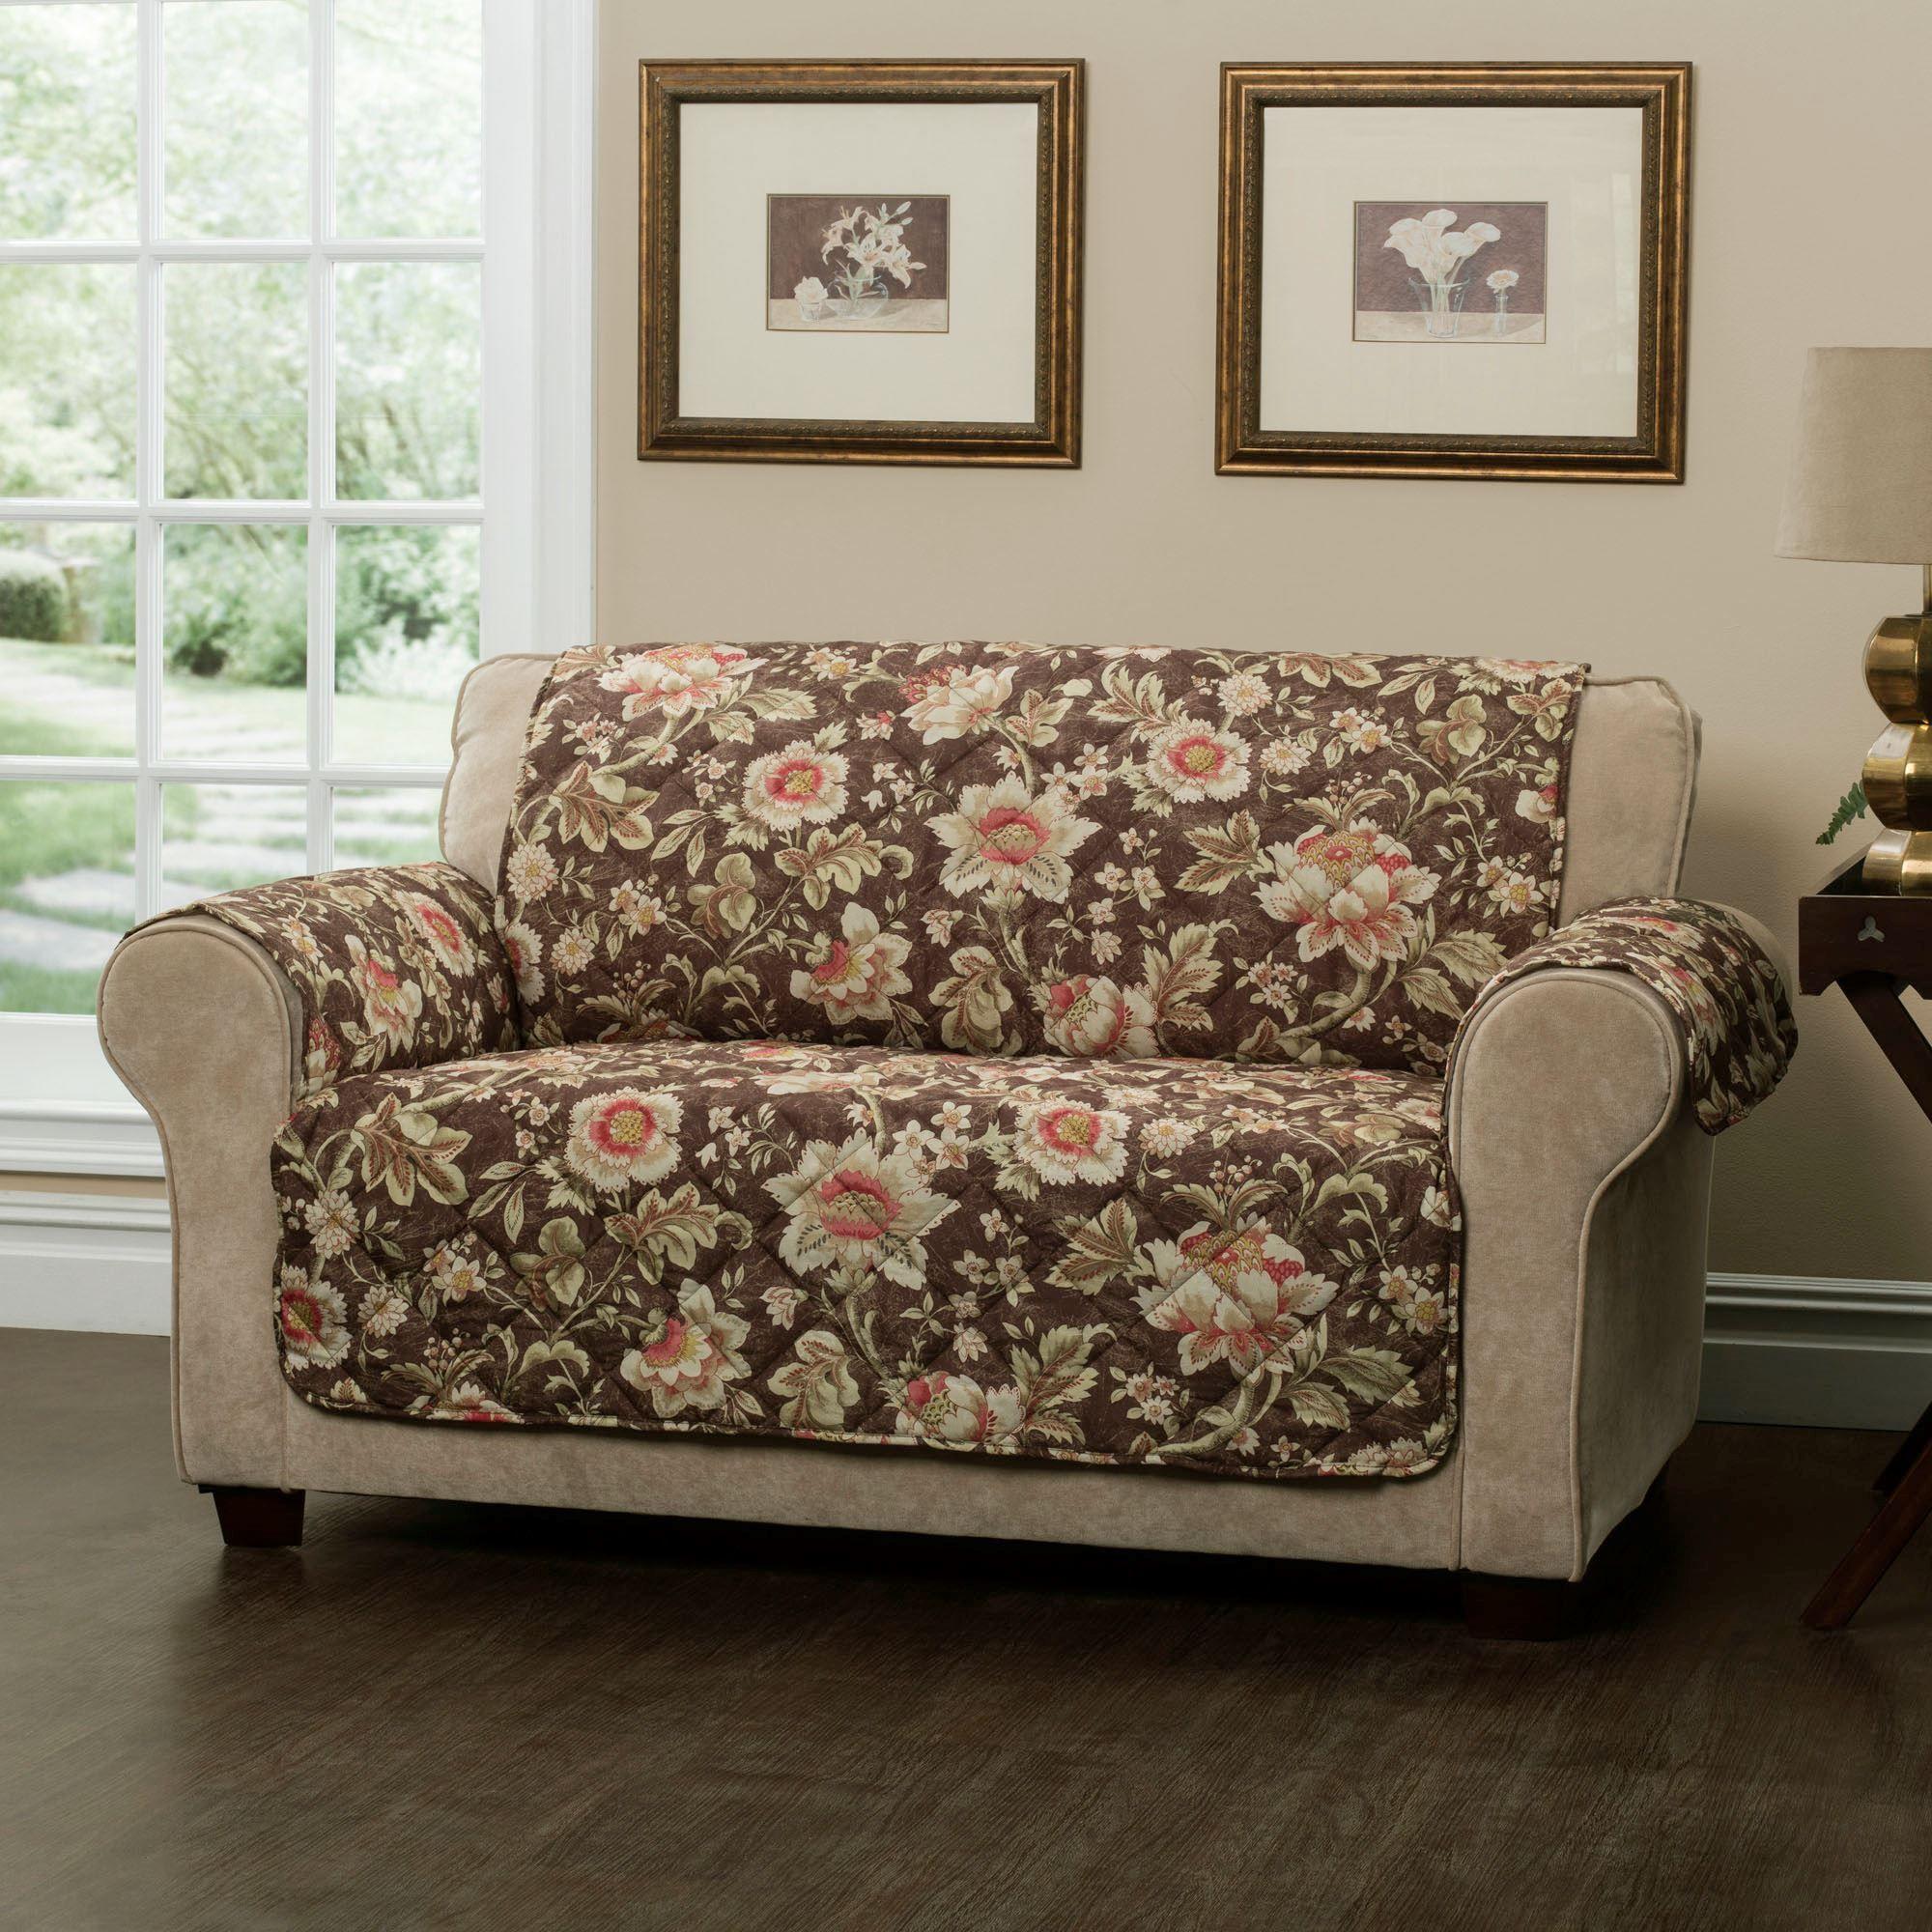 Aviston Furniture Protector Chestnut Loveseat